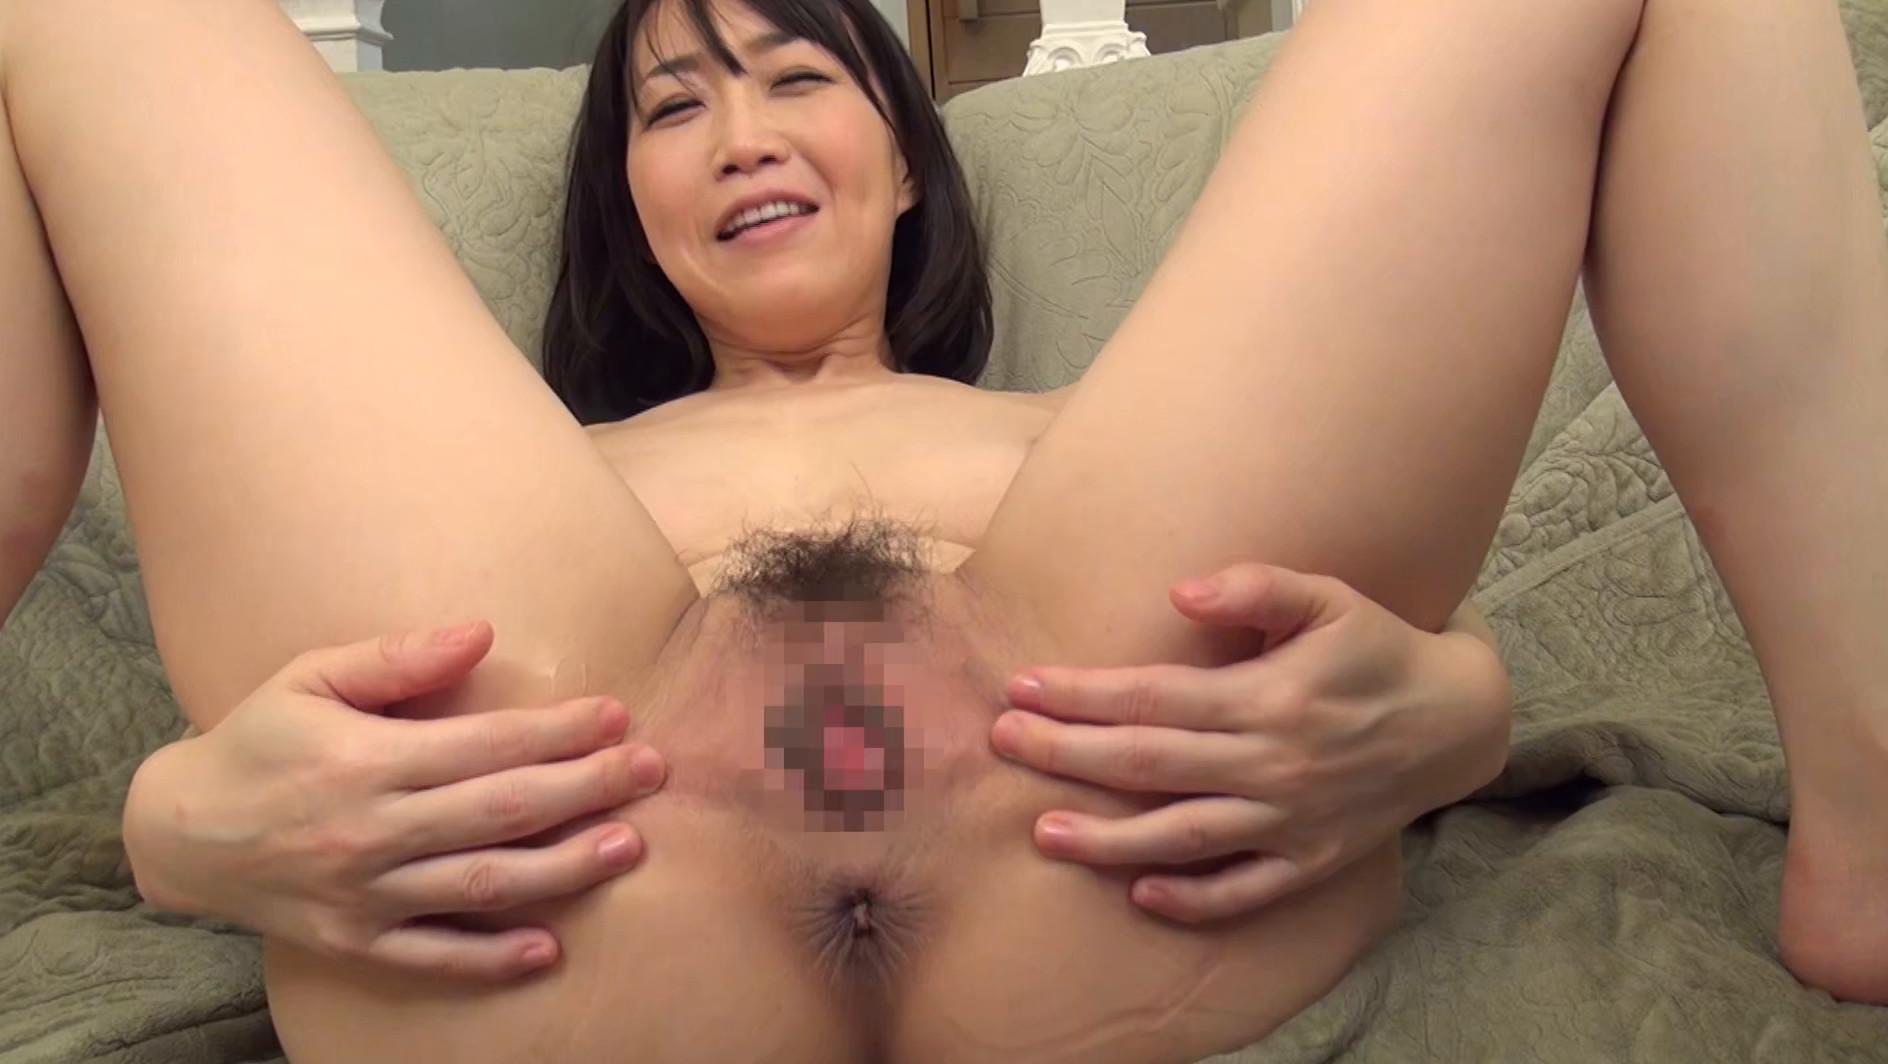 【四十路】応募素人妻 美奈子さん 46歳,のサンプル画像4